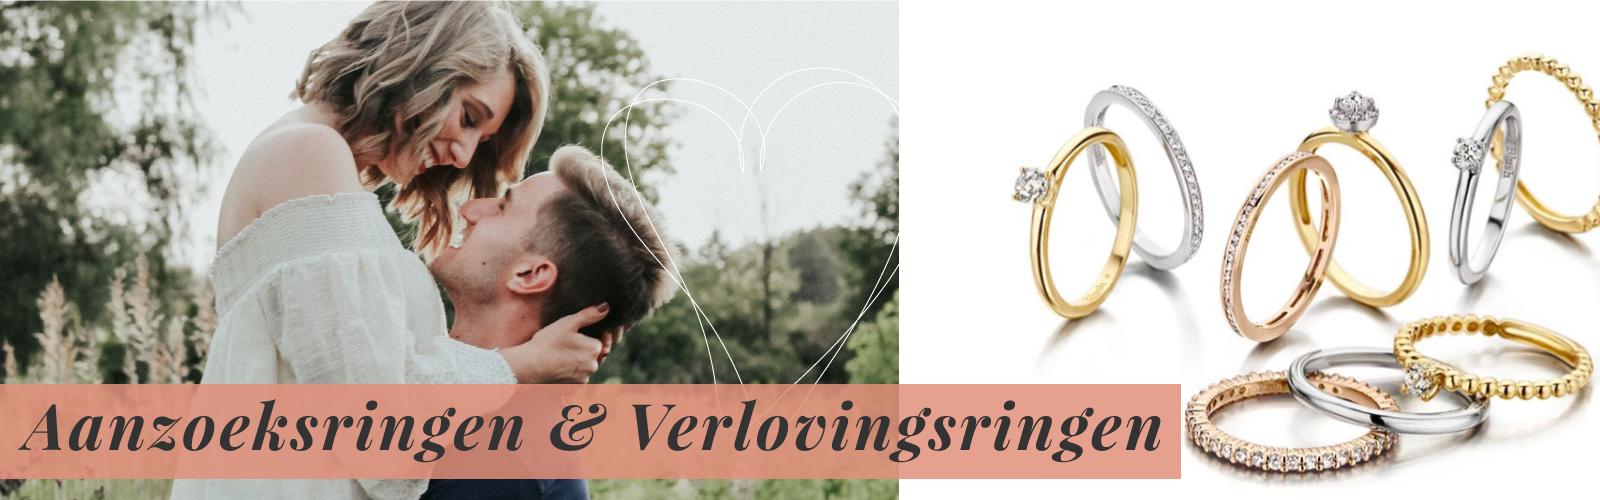 Aanzoeksringen-en-verlovingsringen-ruime-collectie-bij-Wolters-Juweliers-Coevorden-Emmen